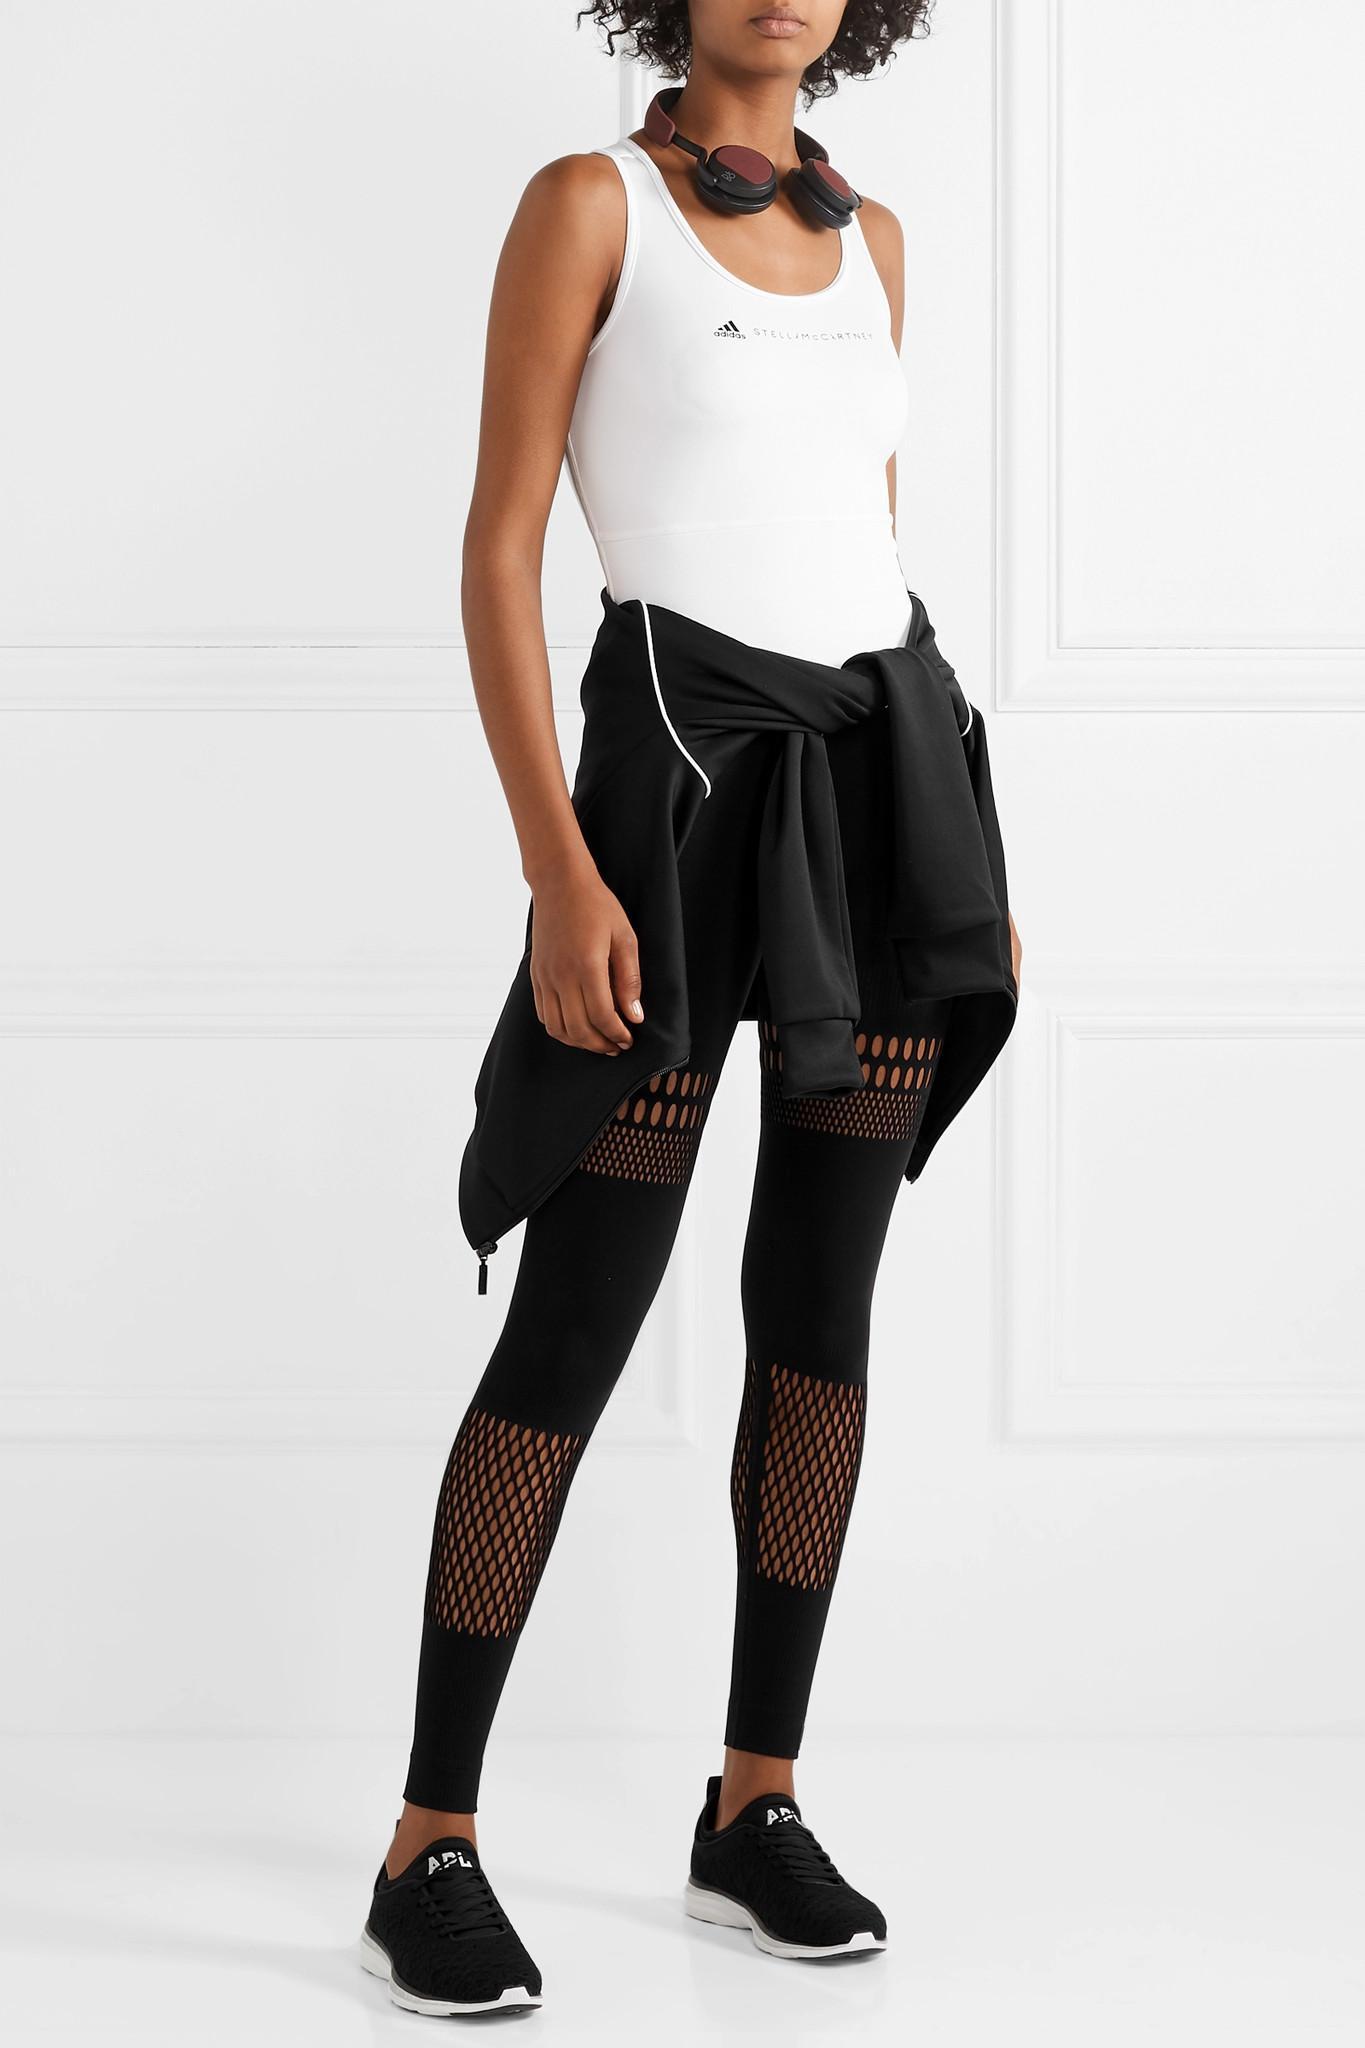 3e23342c5c110a Adidas By Stella McCartney - Black Warp Knit Laser-cut Stretch Leggings -  Lyst. View fullscreen